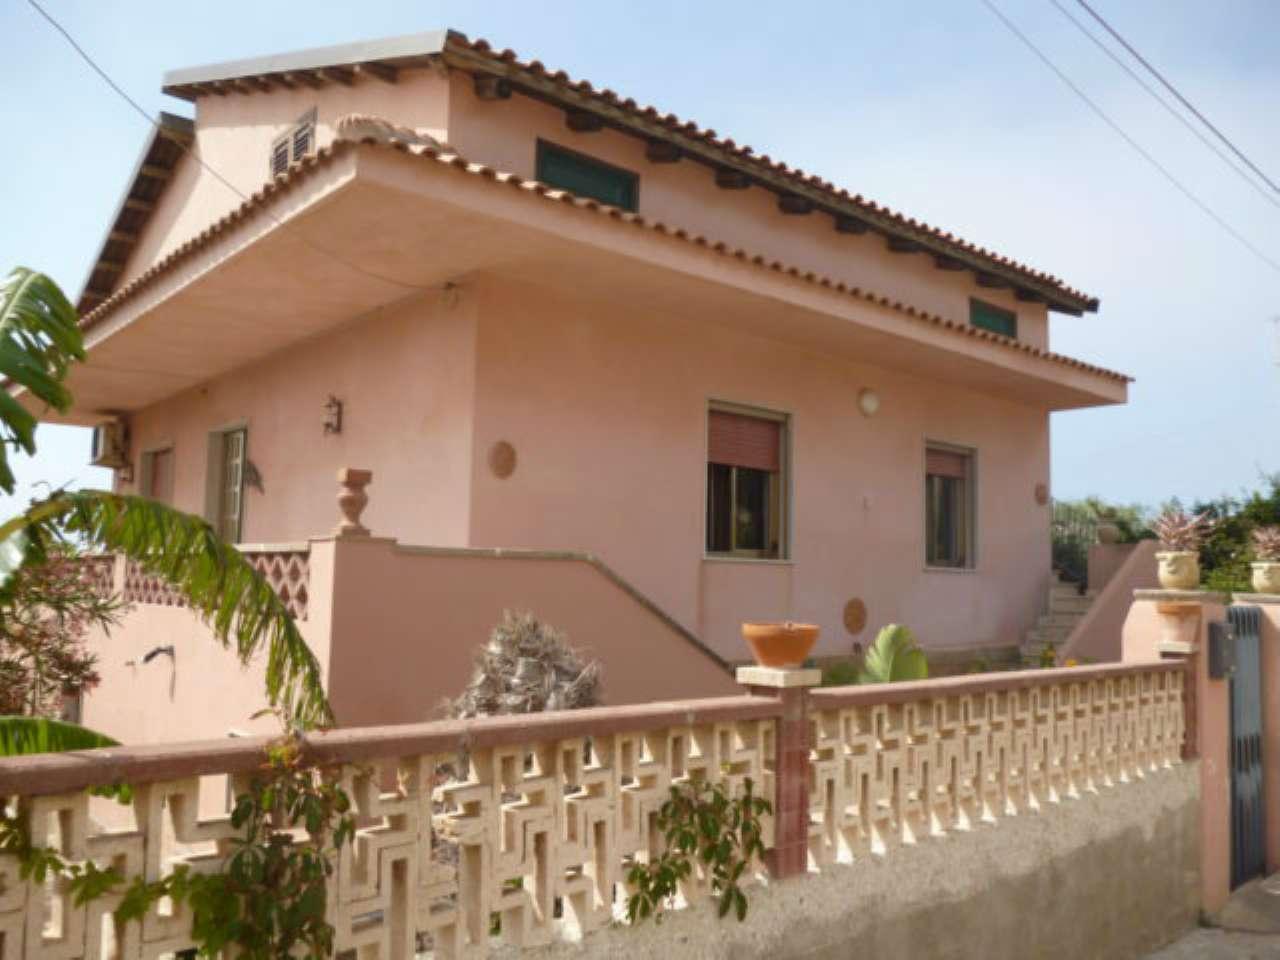 Villa in vendita a Modica, 9999 locali, prezzo € 260.000   CambioCasa.it